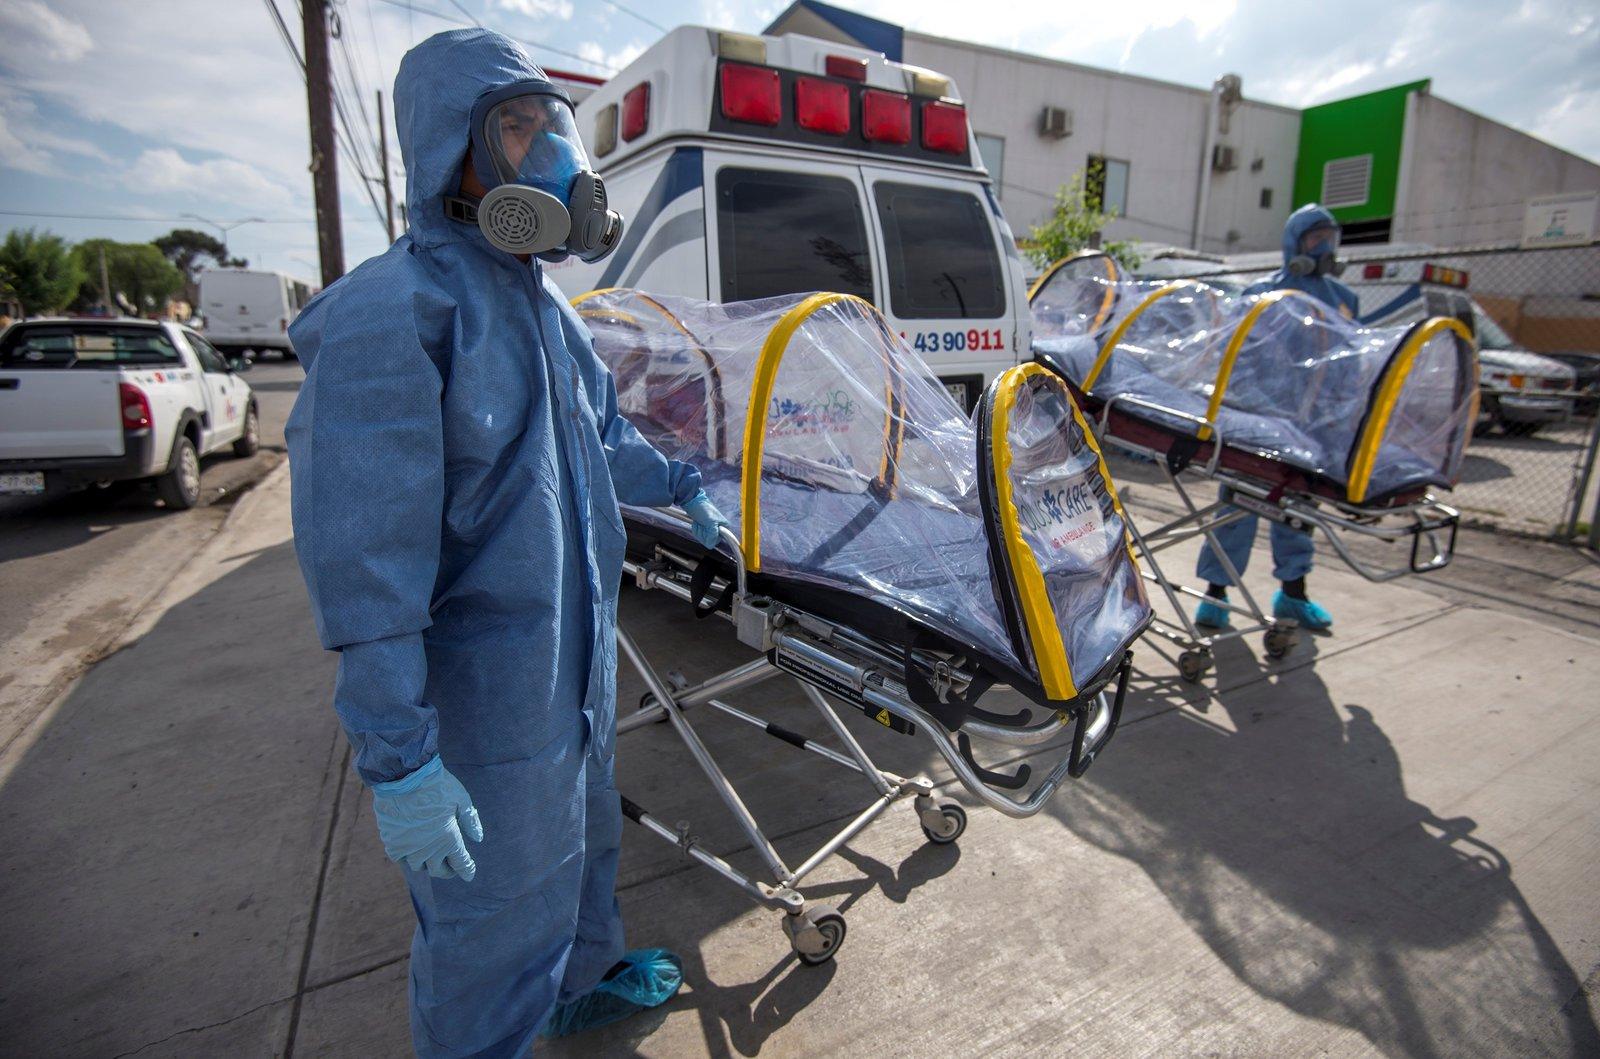 Continúa creciente de casos de COVID-19 en Coahuila